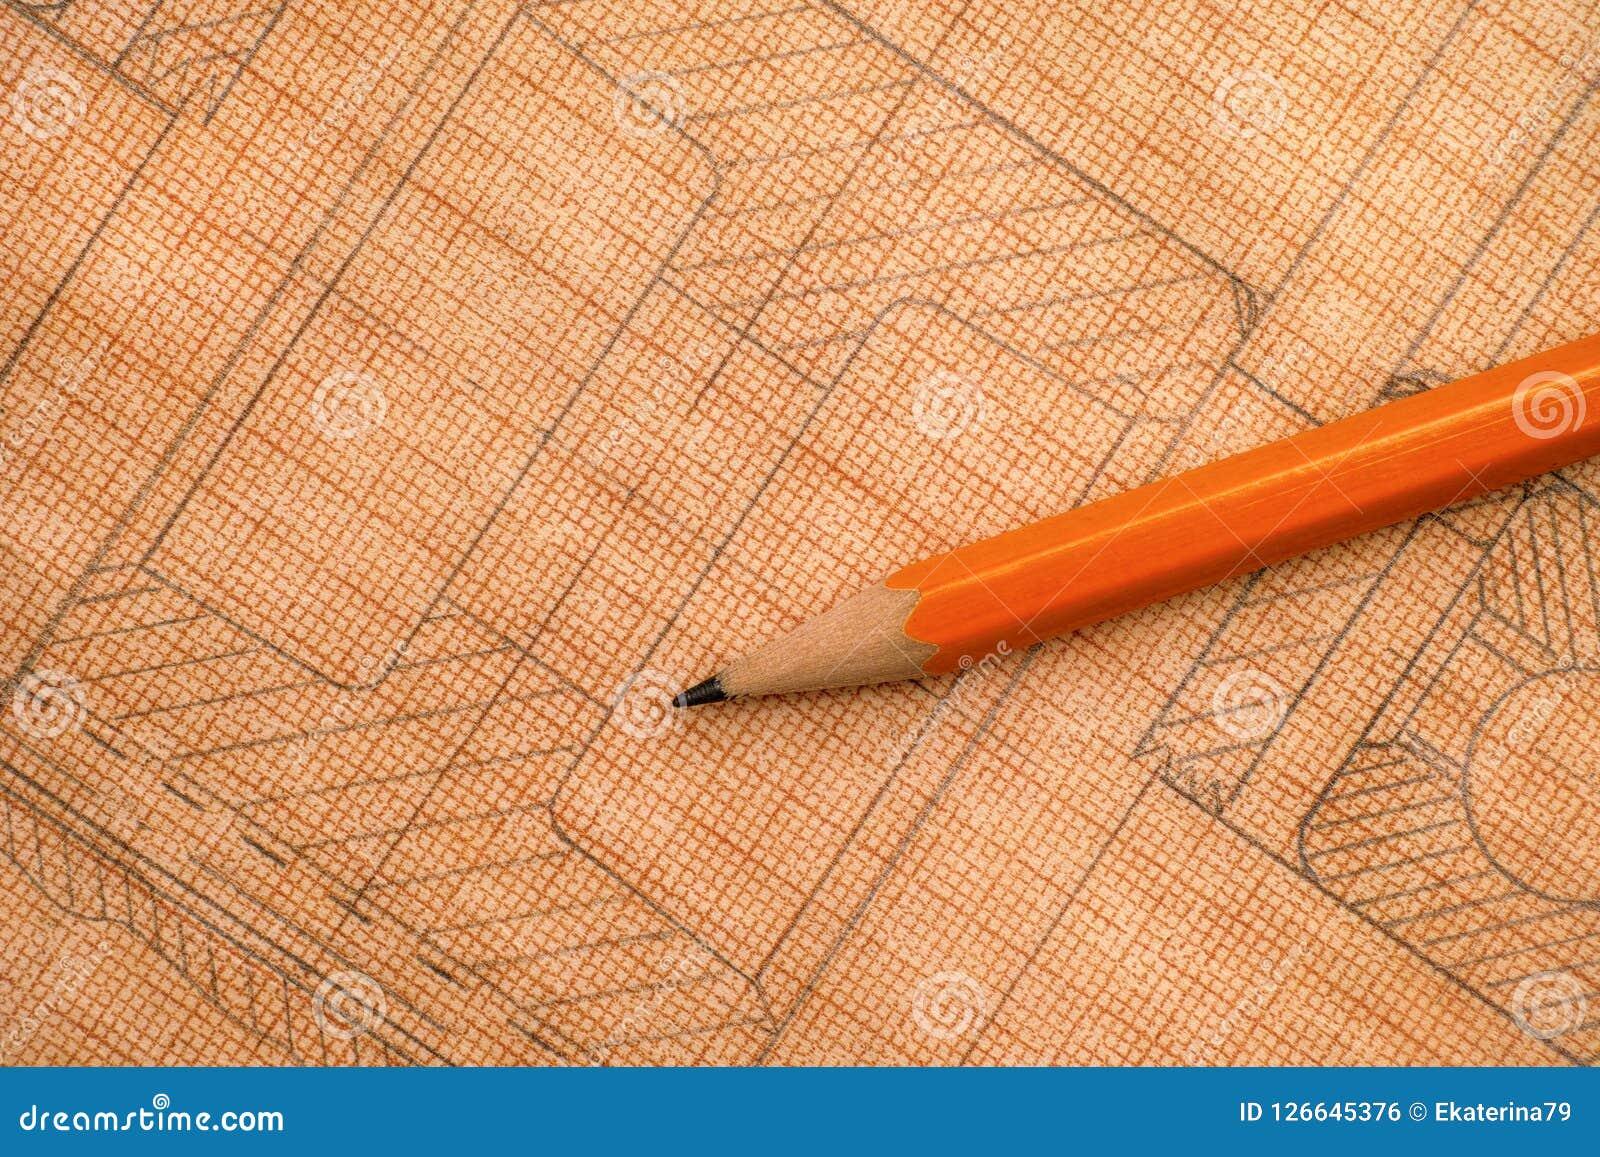 Desenho técnico velho no papel de gráfico com lápis